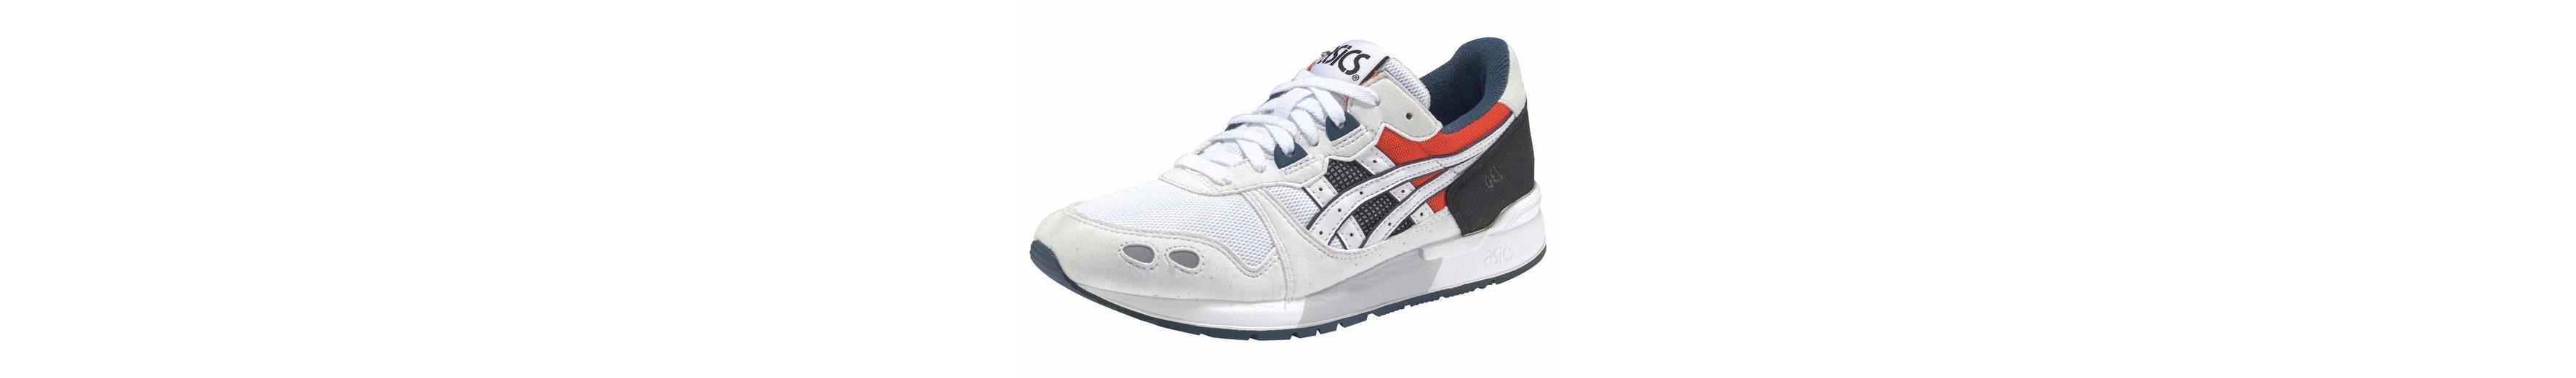 Asics GEL-LYTE Sneaker, unisex